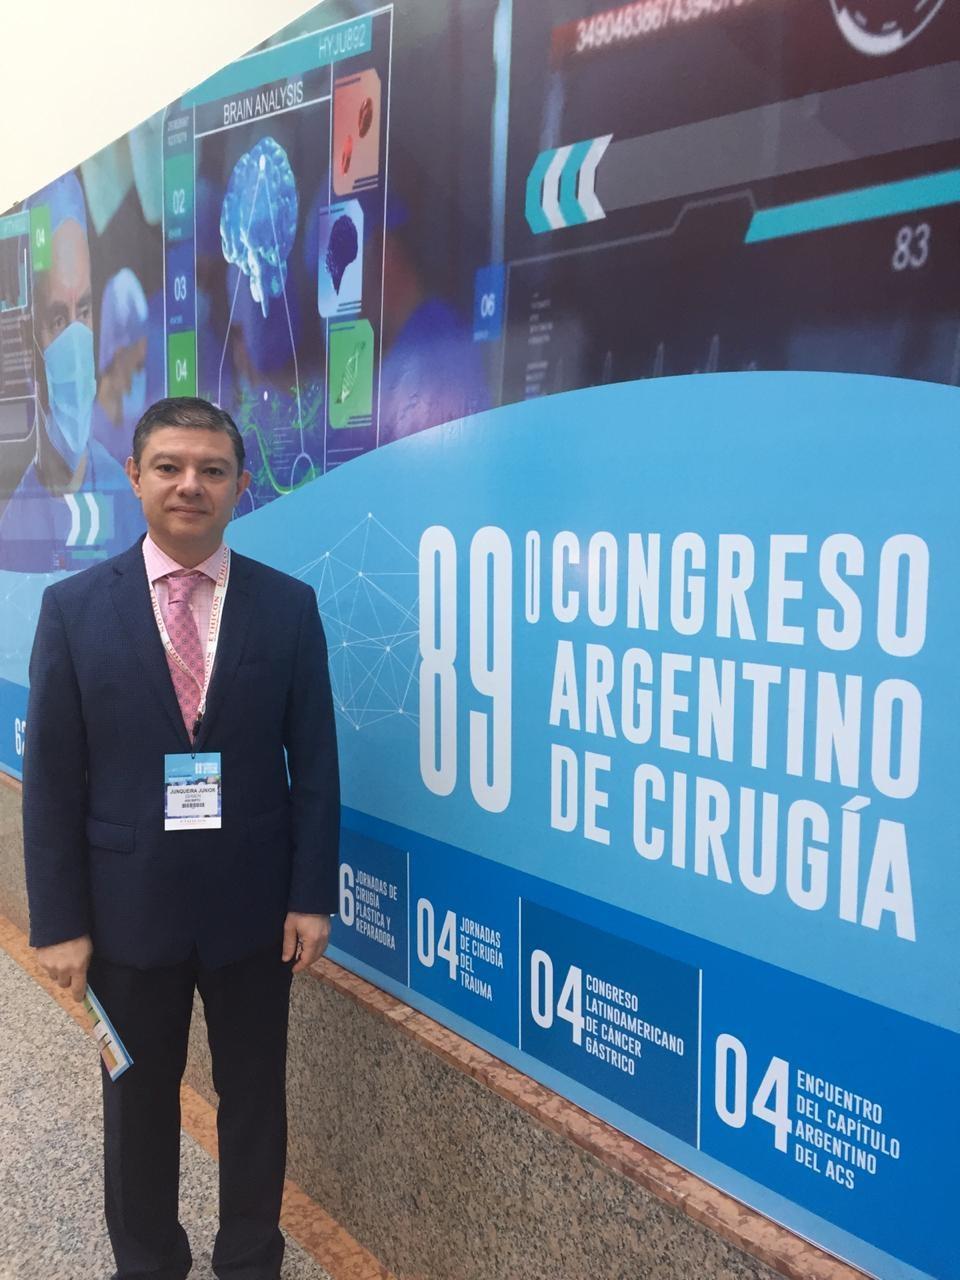 89 CONGRESSO ARGENTINO DE CIRURGIA